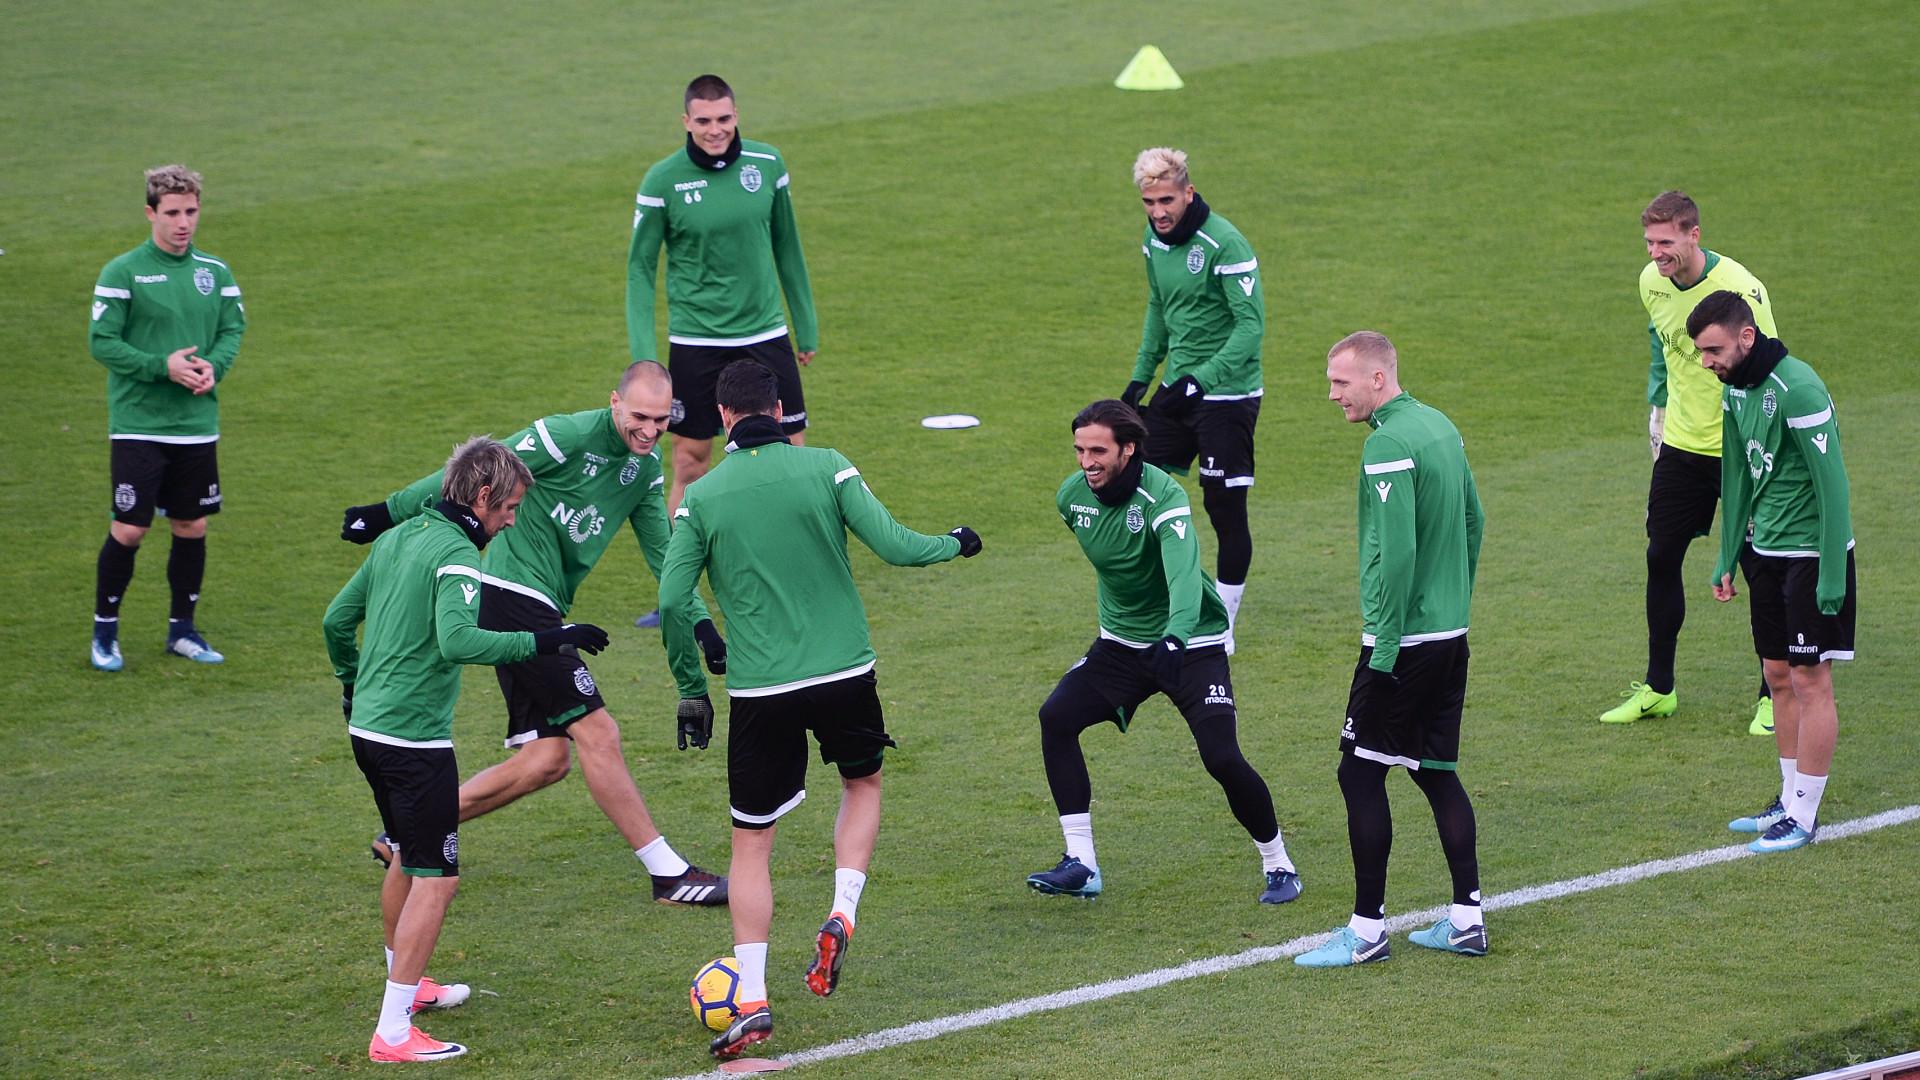 Equipa do Sporting só deve voltar a treinar na sexta-feira, no Jamor